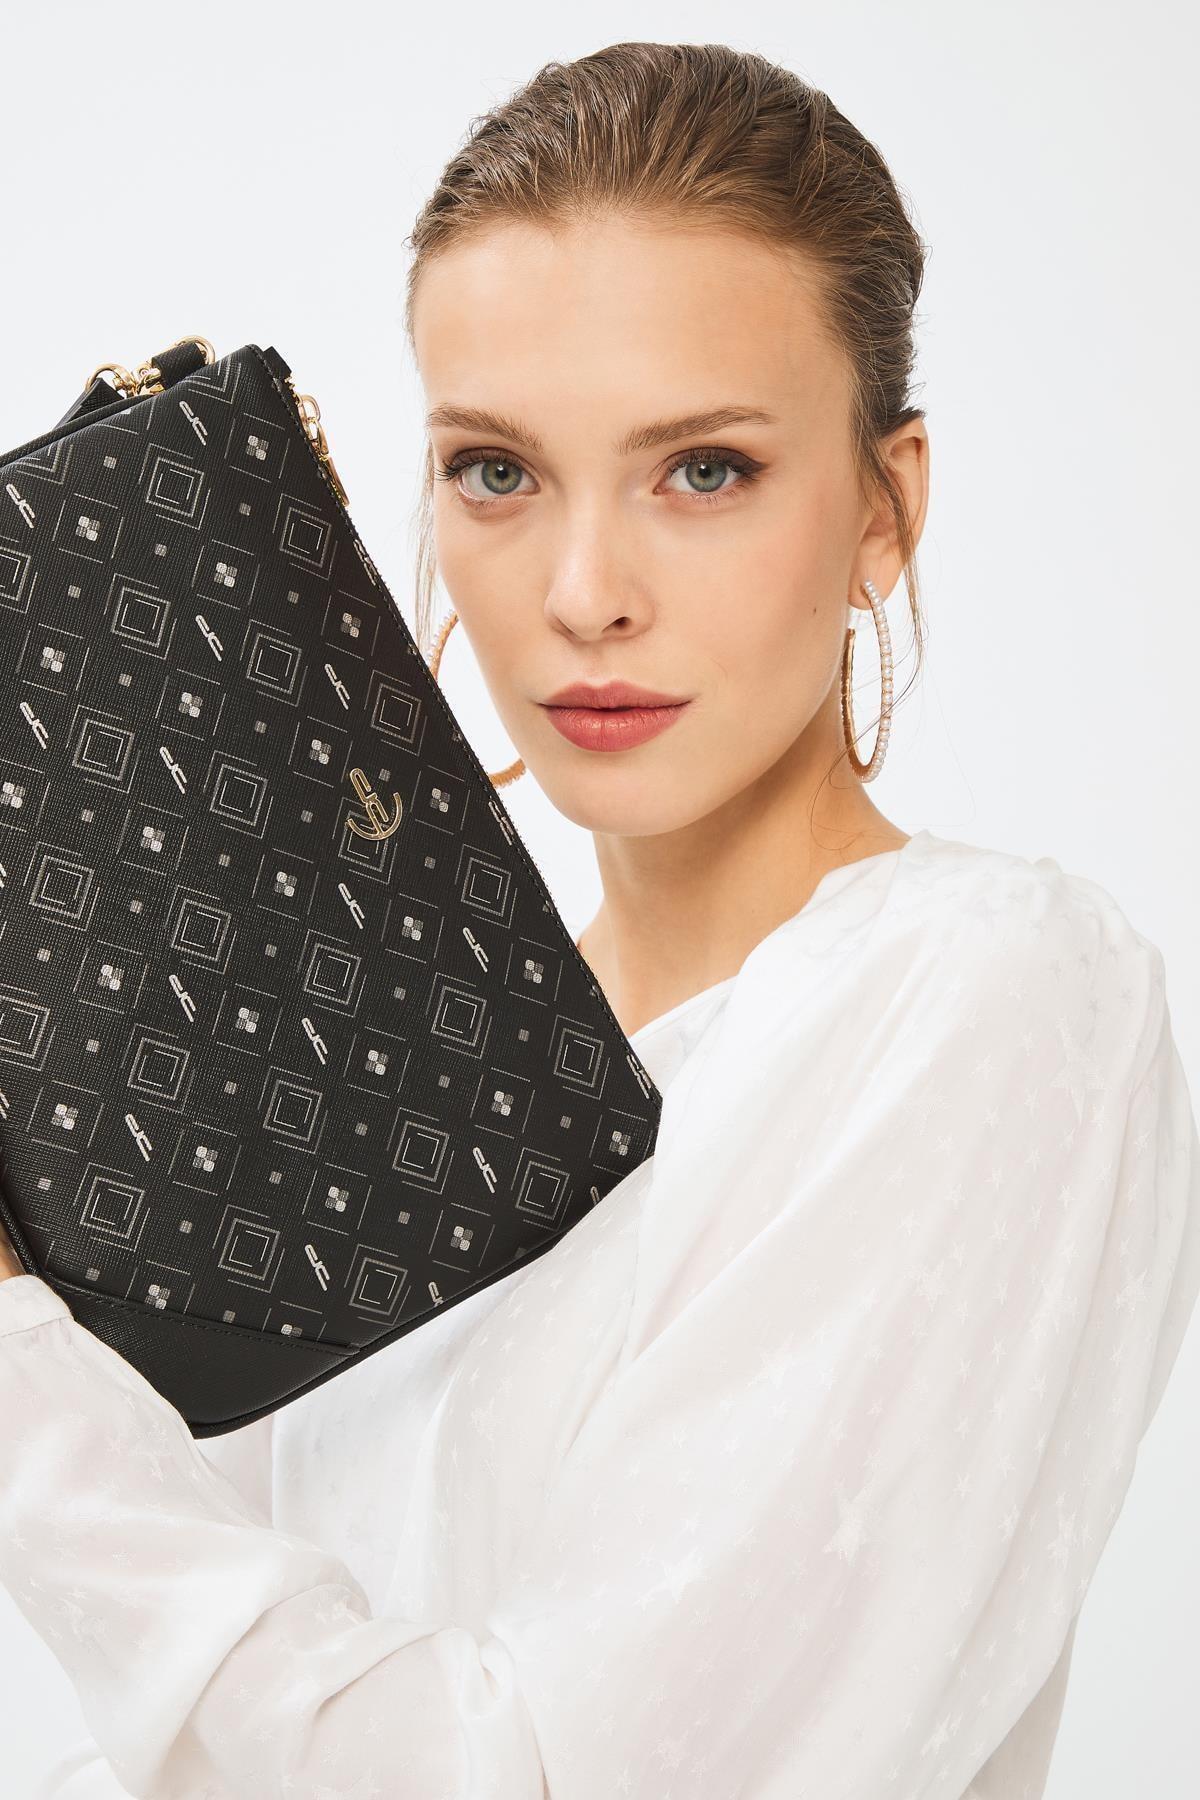 Deri Company Kadın Basic Clutch Çanta Monogram Desenli Siyah Gri 214002 1